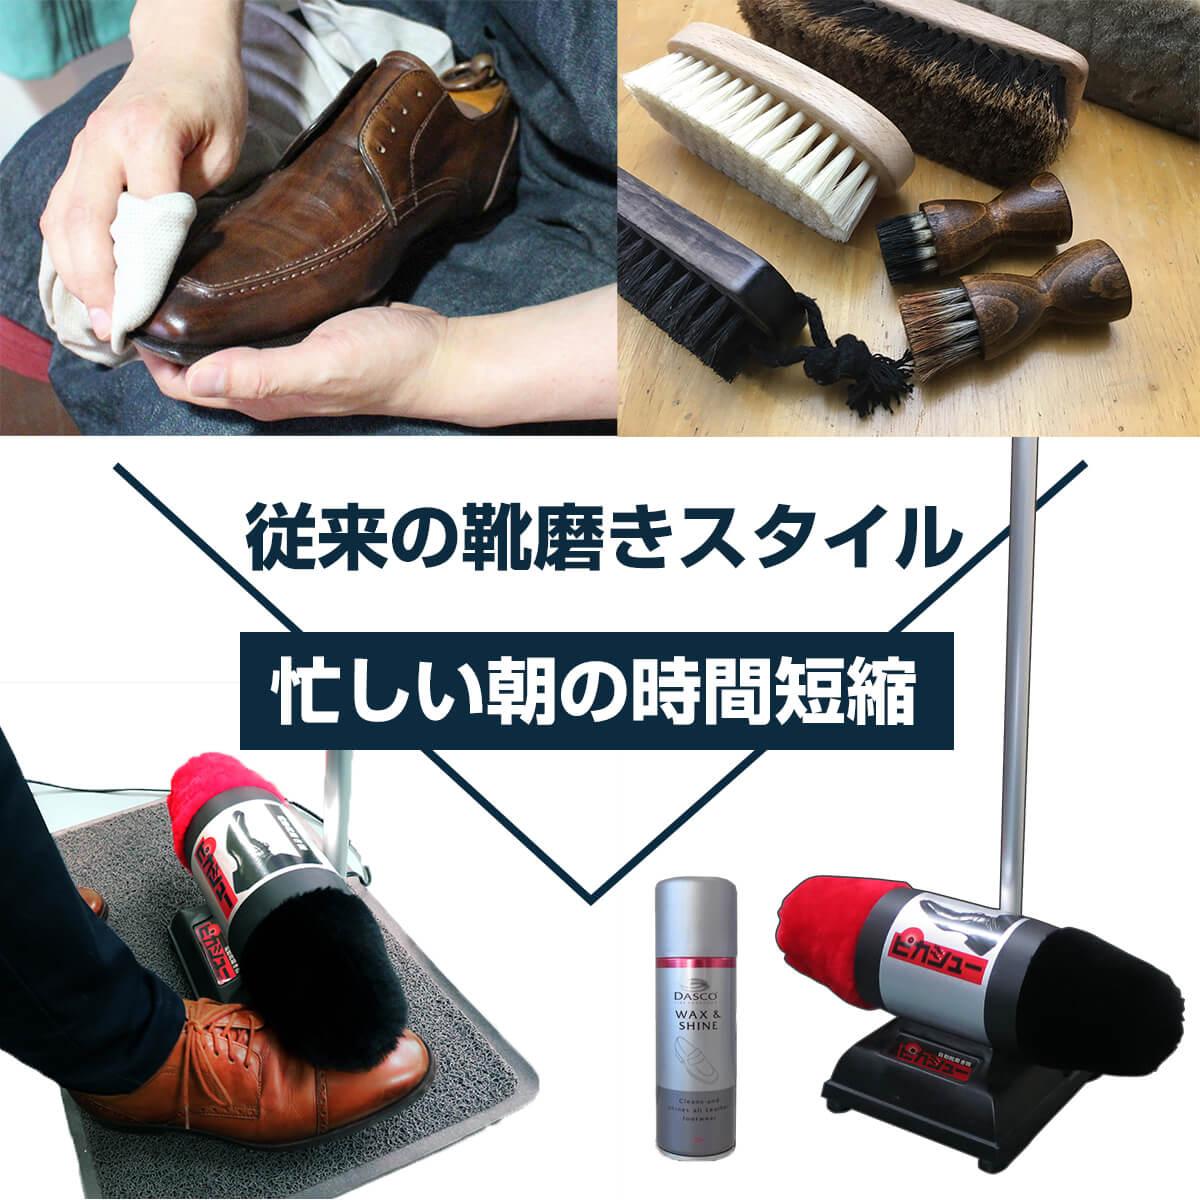 新しい靴磨きスタイル